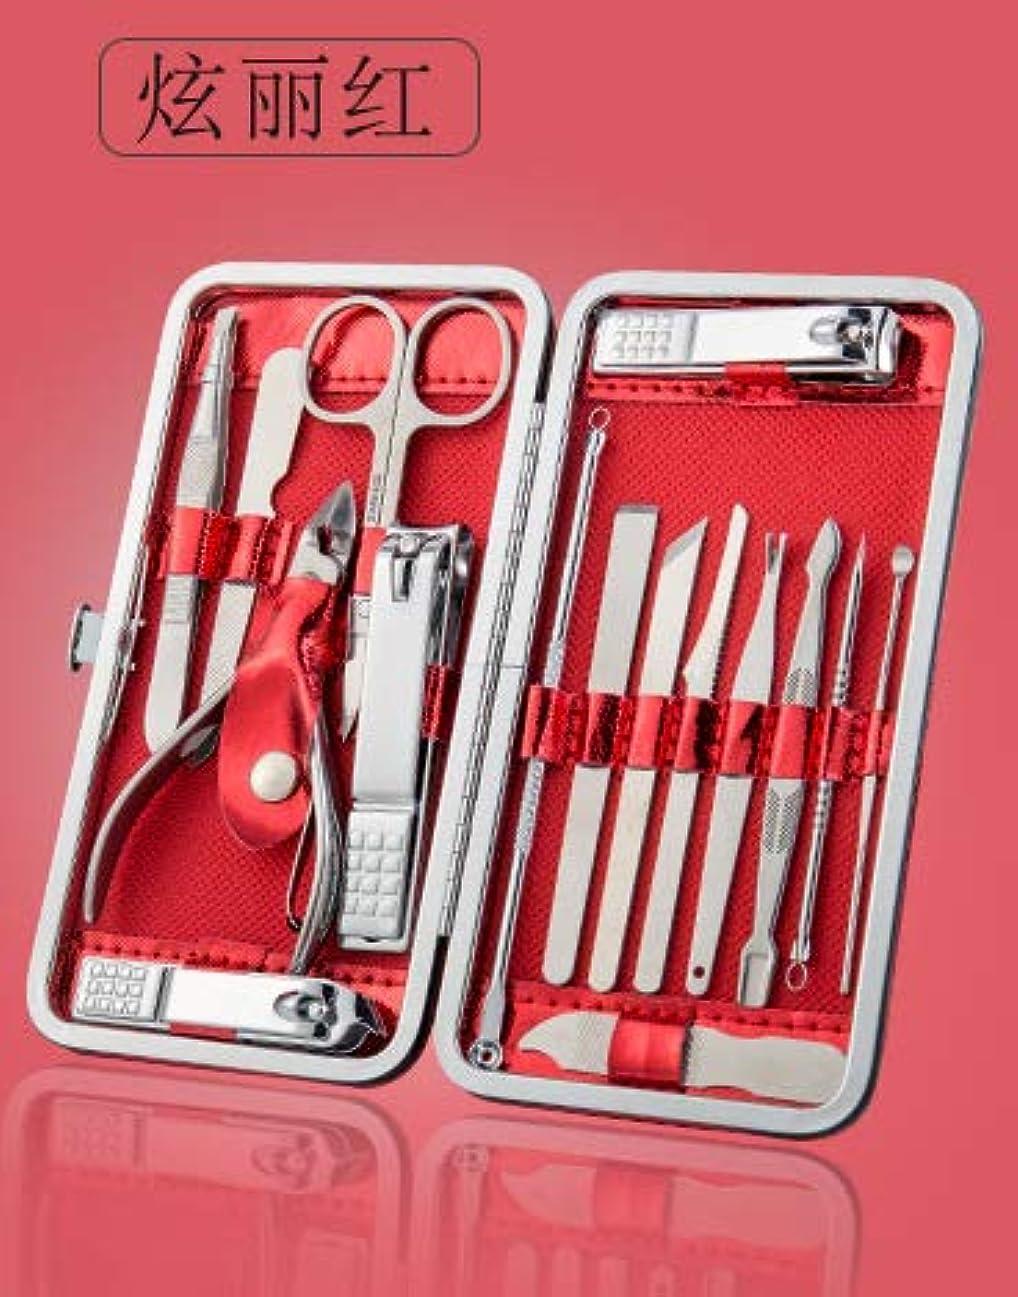 スイどこにも服15本のネイルツールセットの美容セットマニキュアナイフ用に設定されたステンレス鋼ネイルハサミはカスタマイズ可能